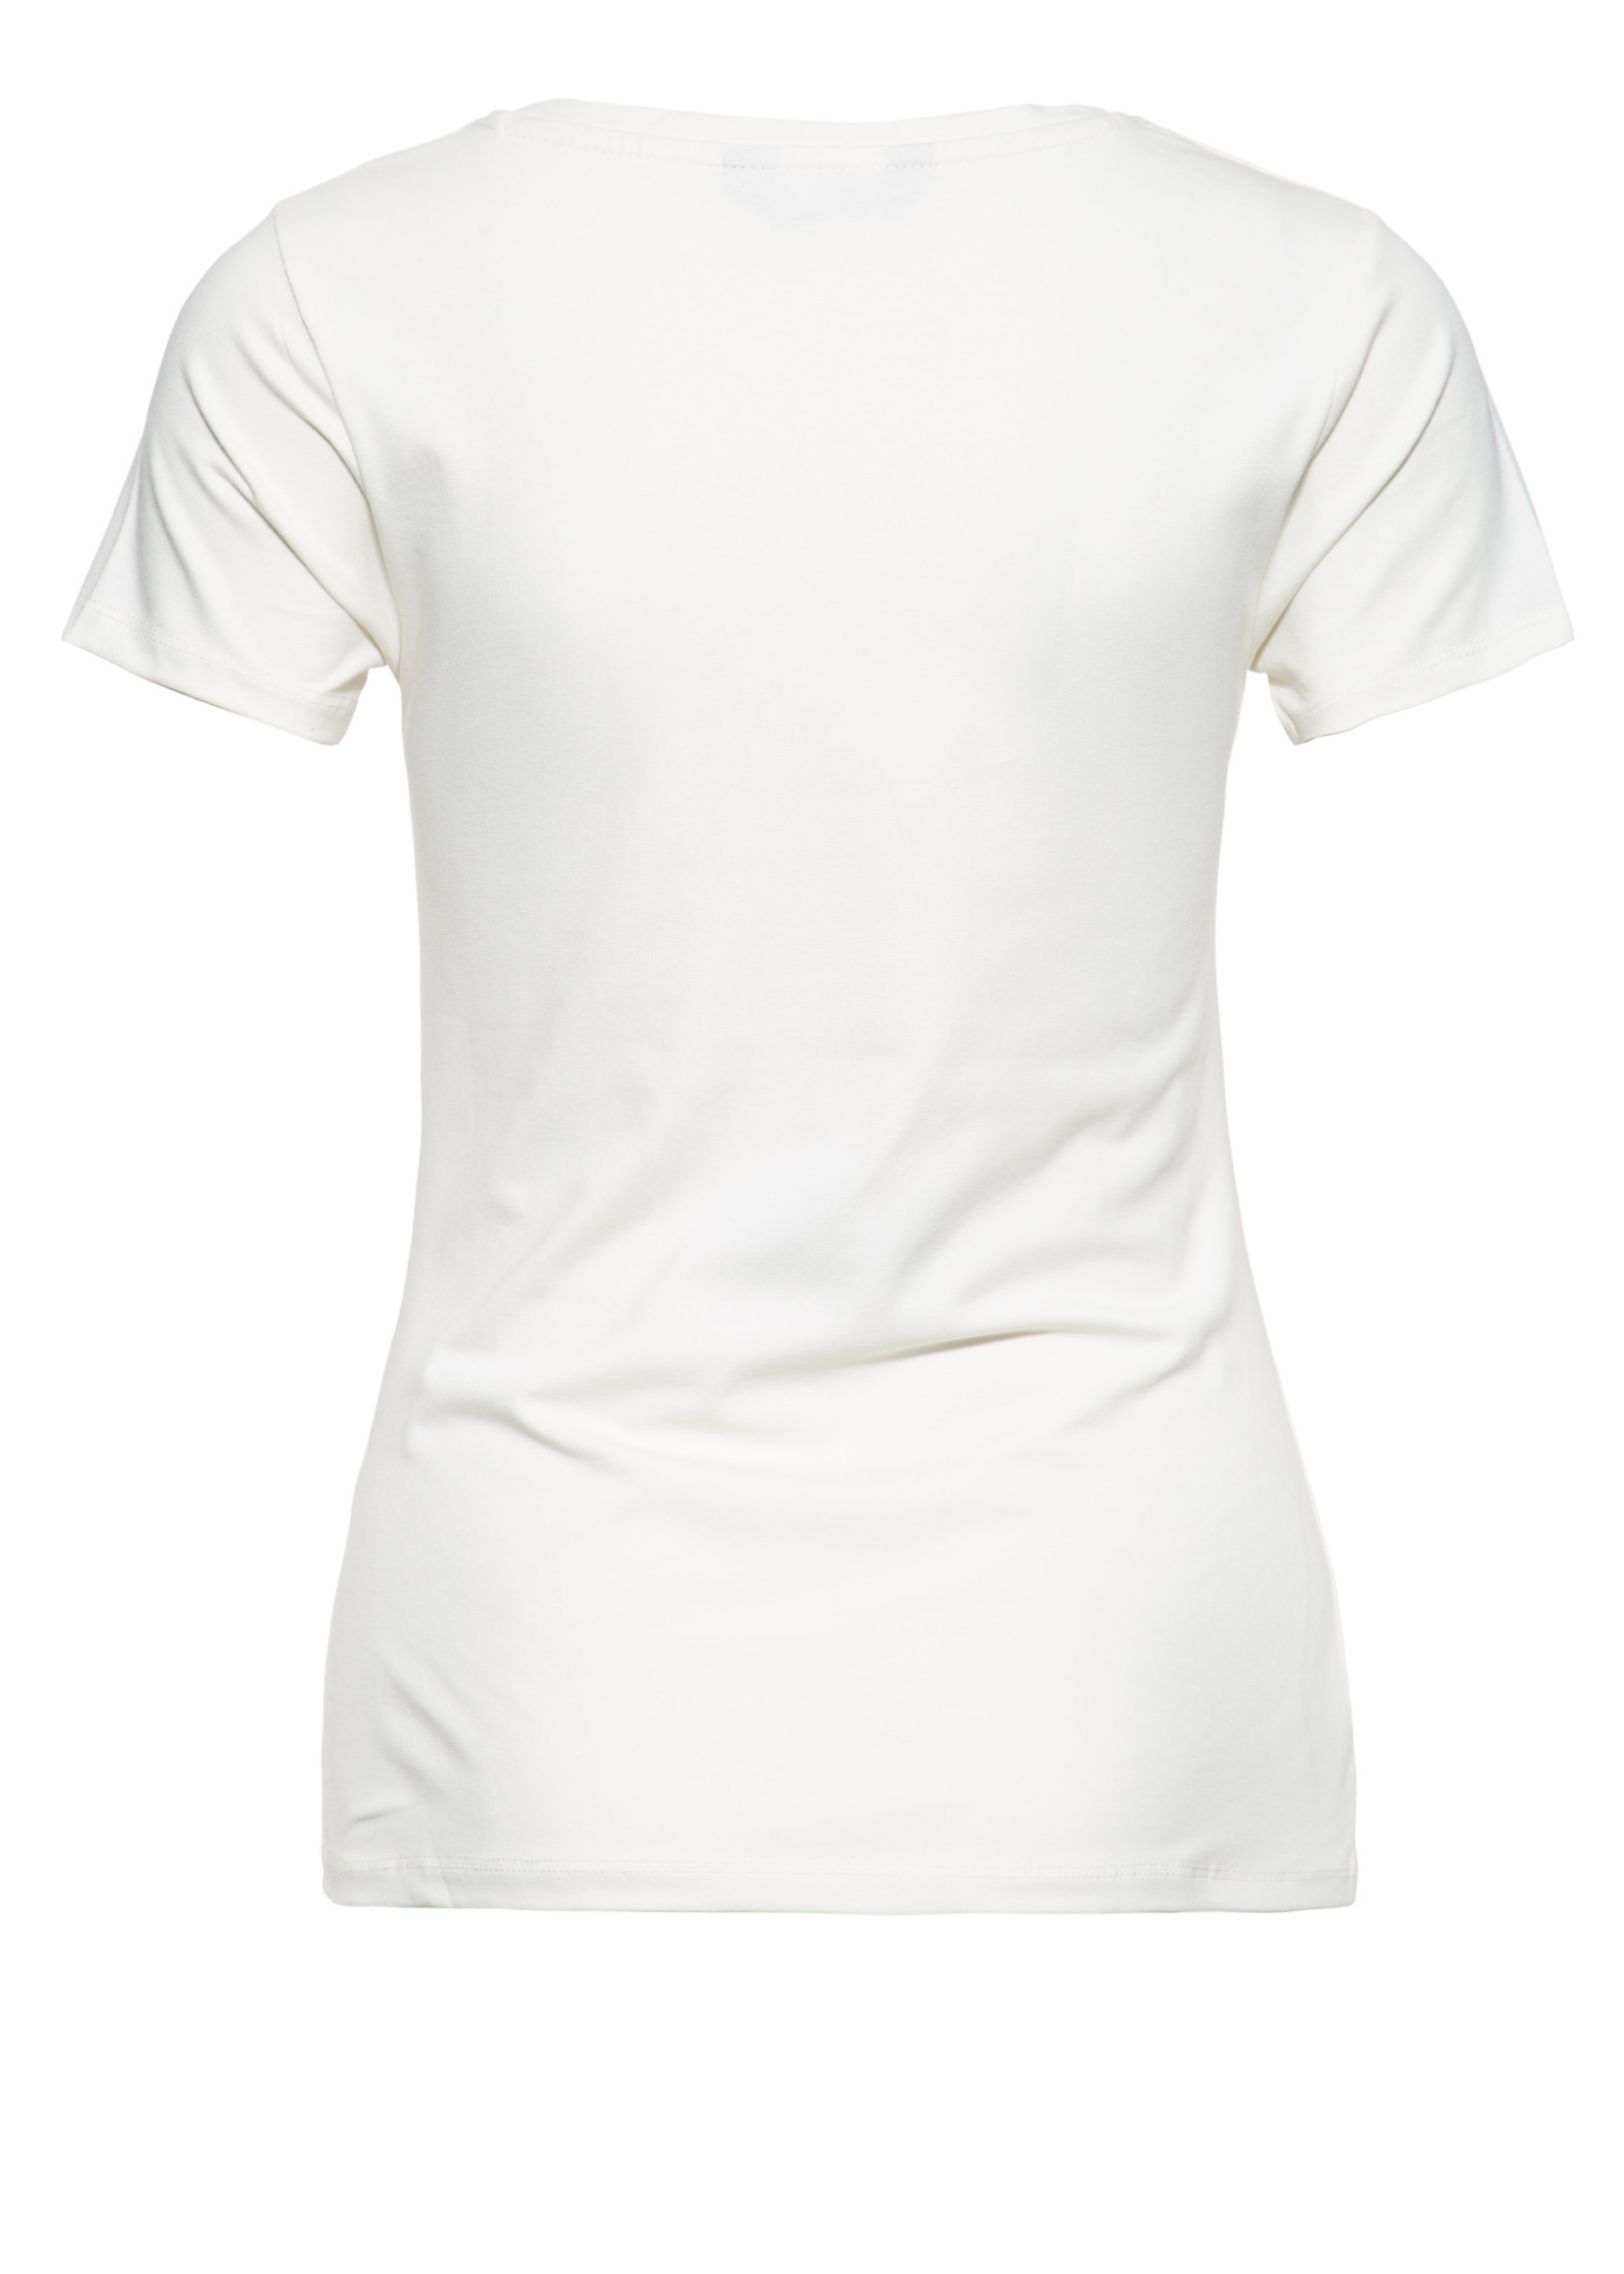 Queen Kerosin Queen Kerosin 50s T-Shirt We Can Do It  Offwhite